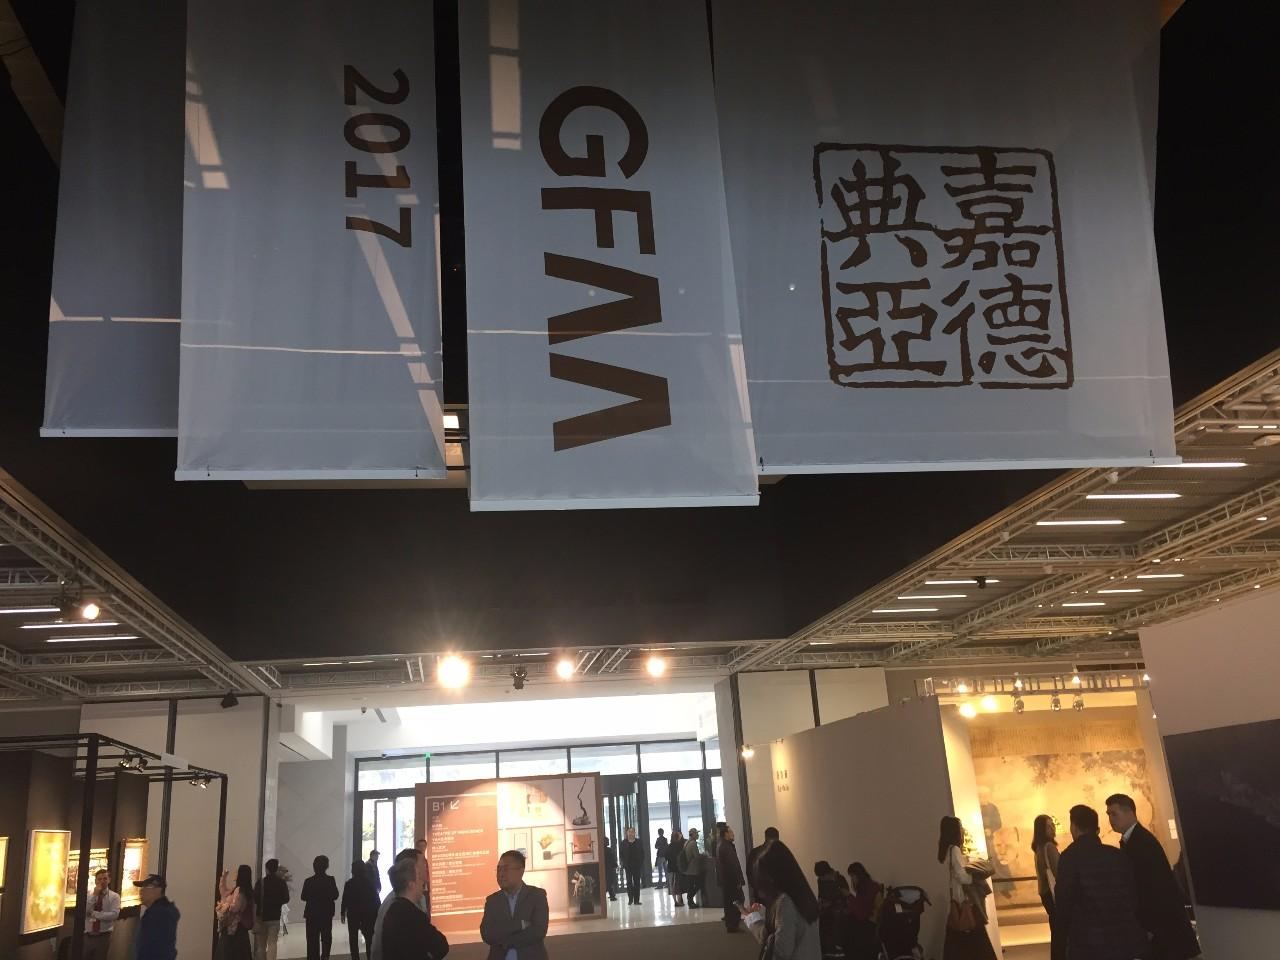 博览会大幕拉上 但艺术聚会却仍在继续